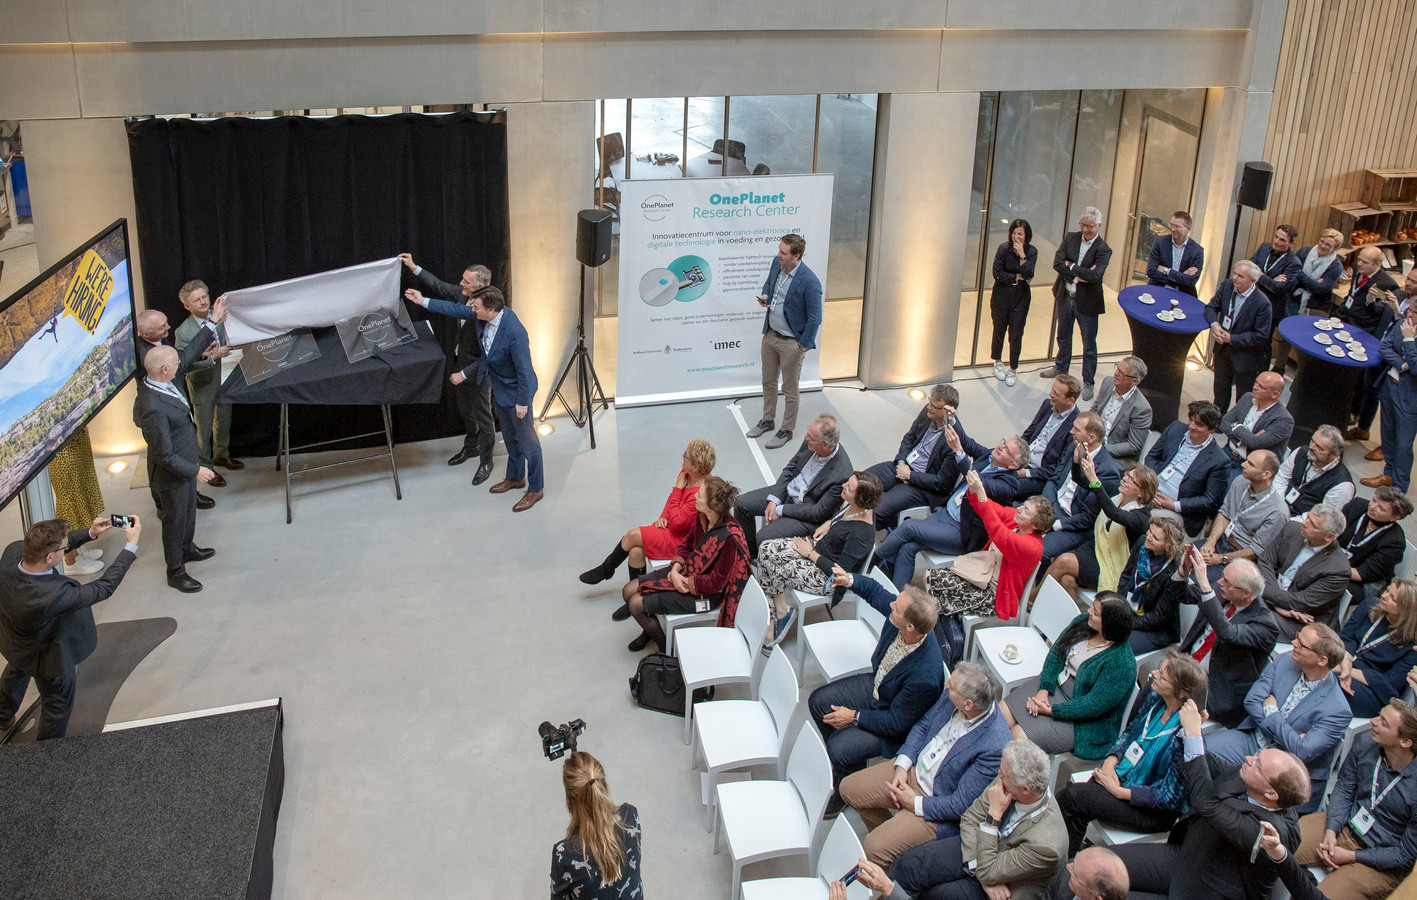 De start van One Planet, gisteren in Wageningen